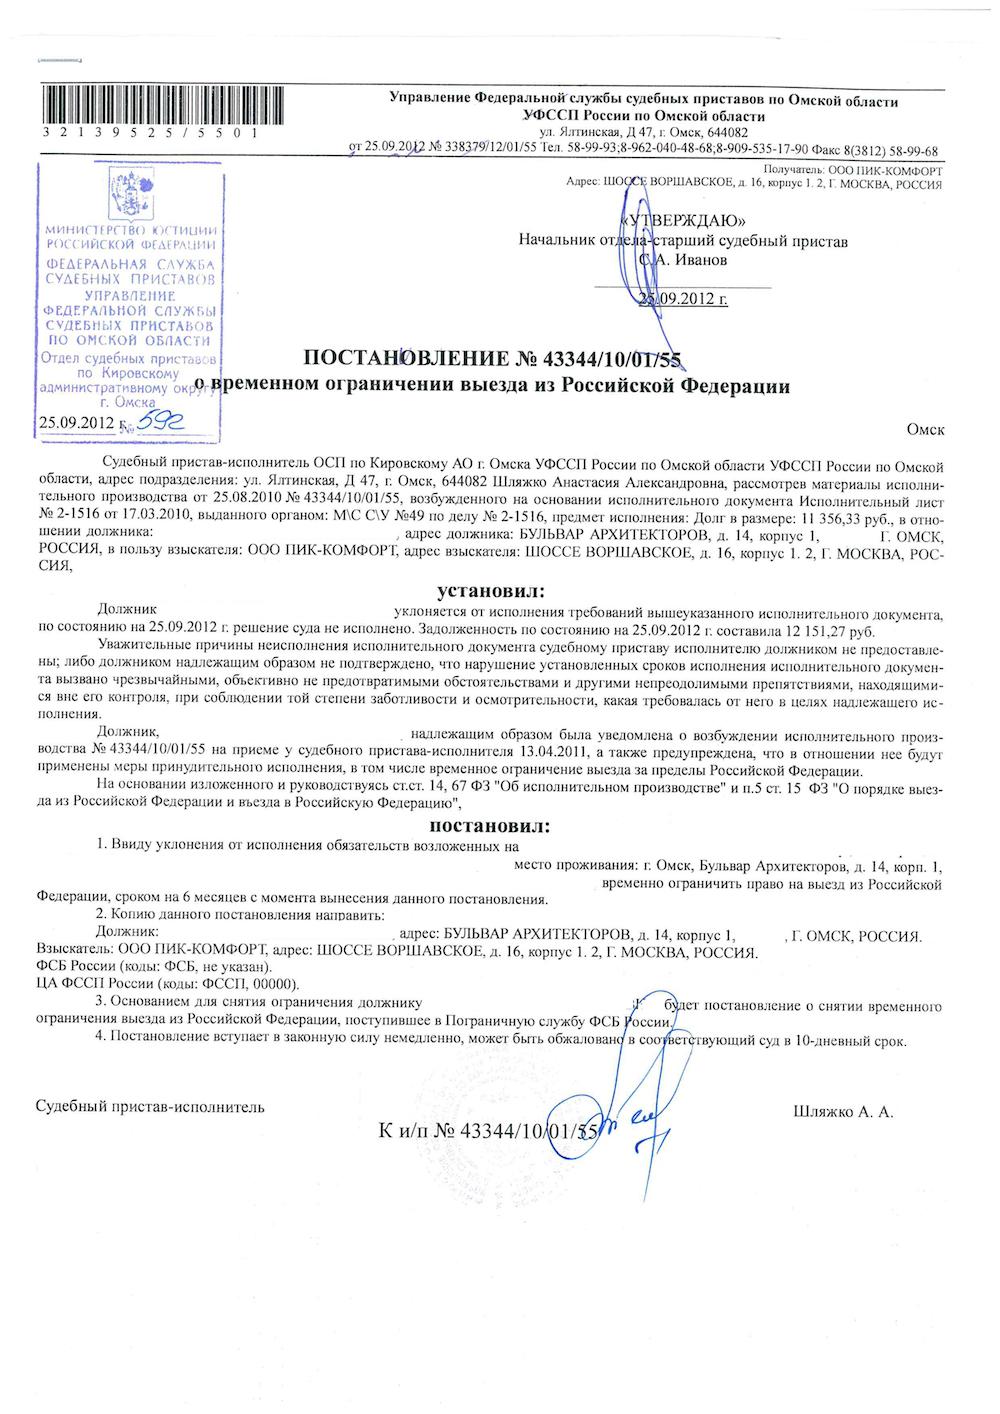 Справка для выезда за границу ленинградская область Справка для перевозки животных 7-я Чоботовская аллея